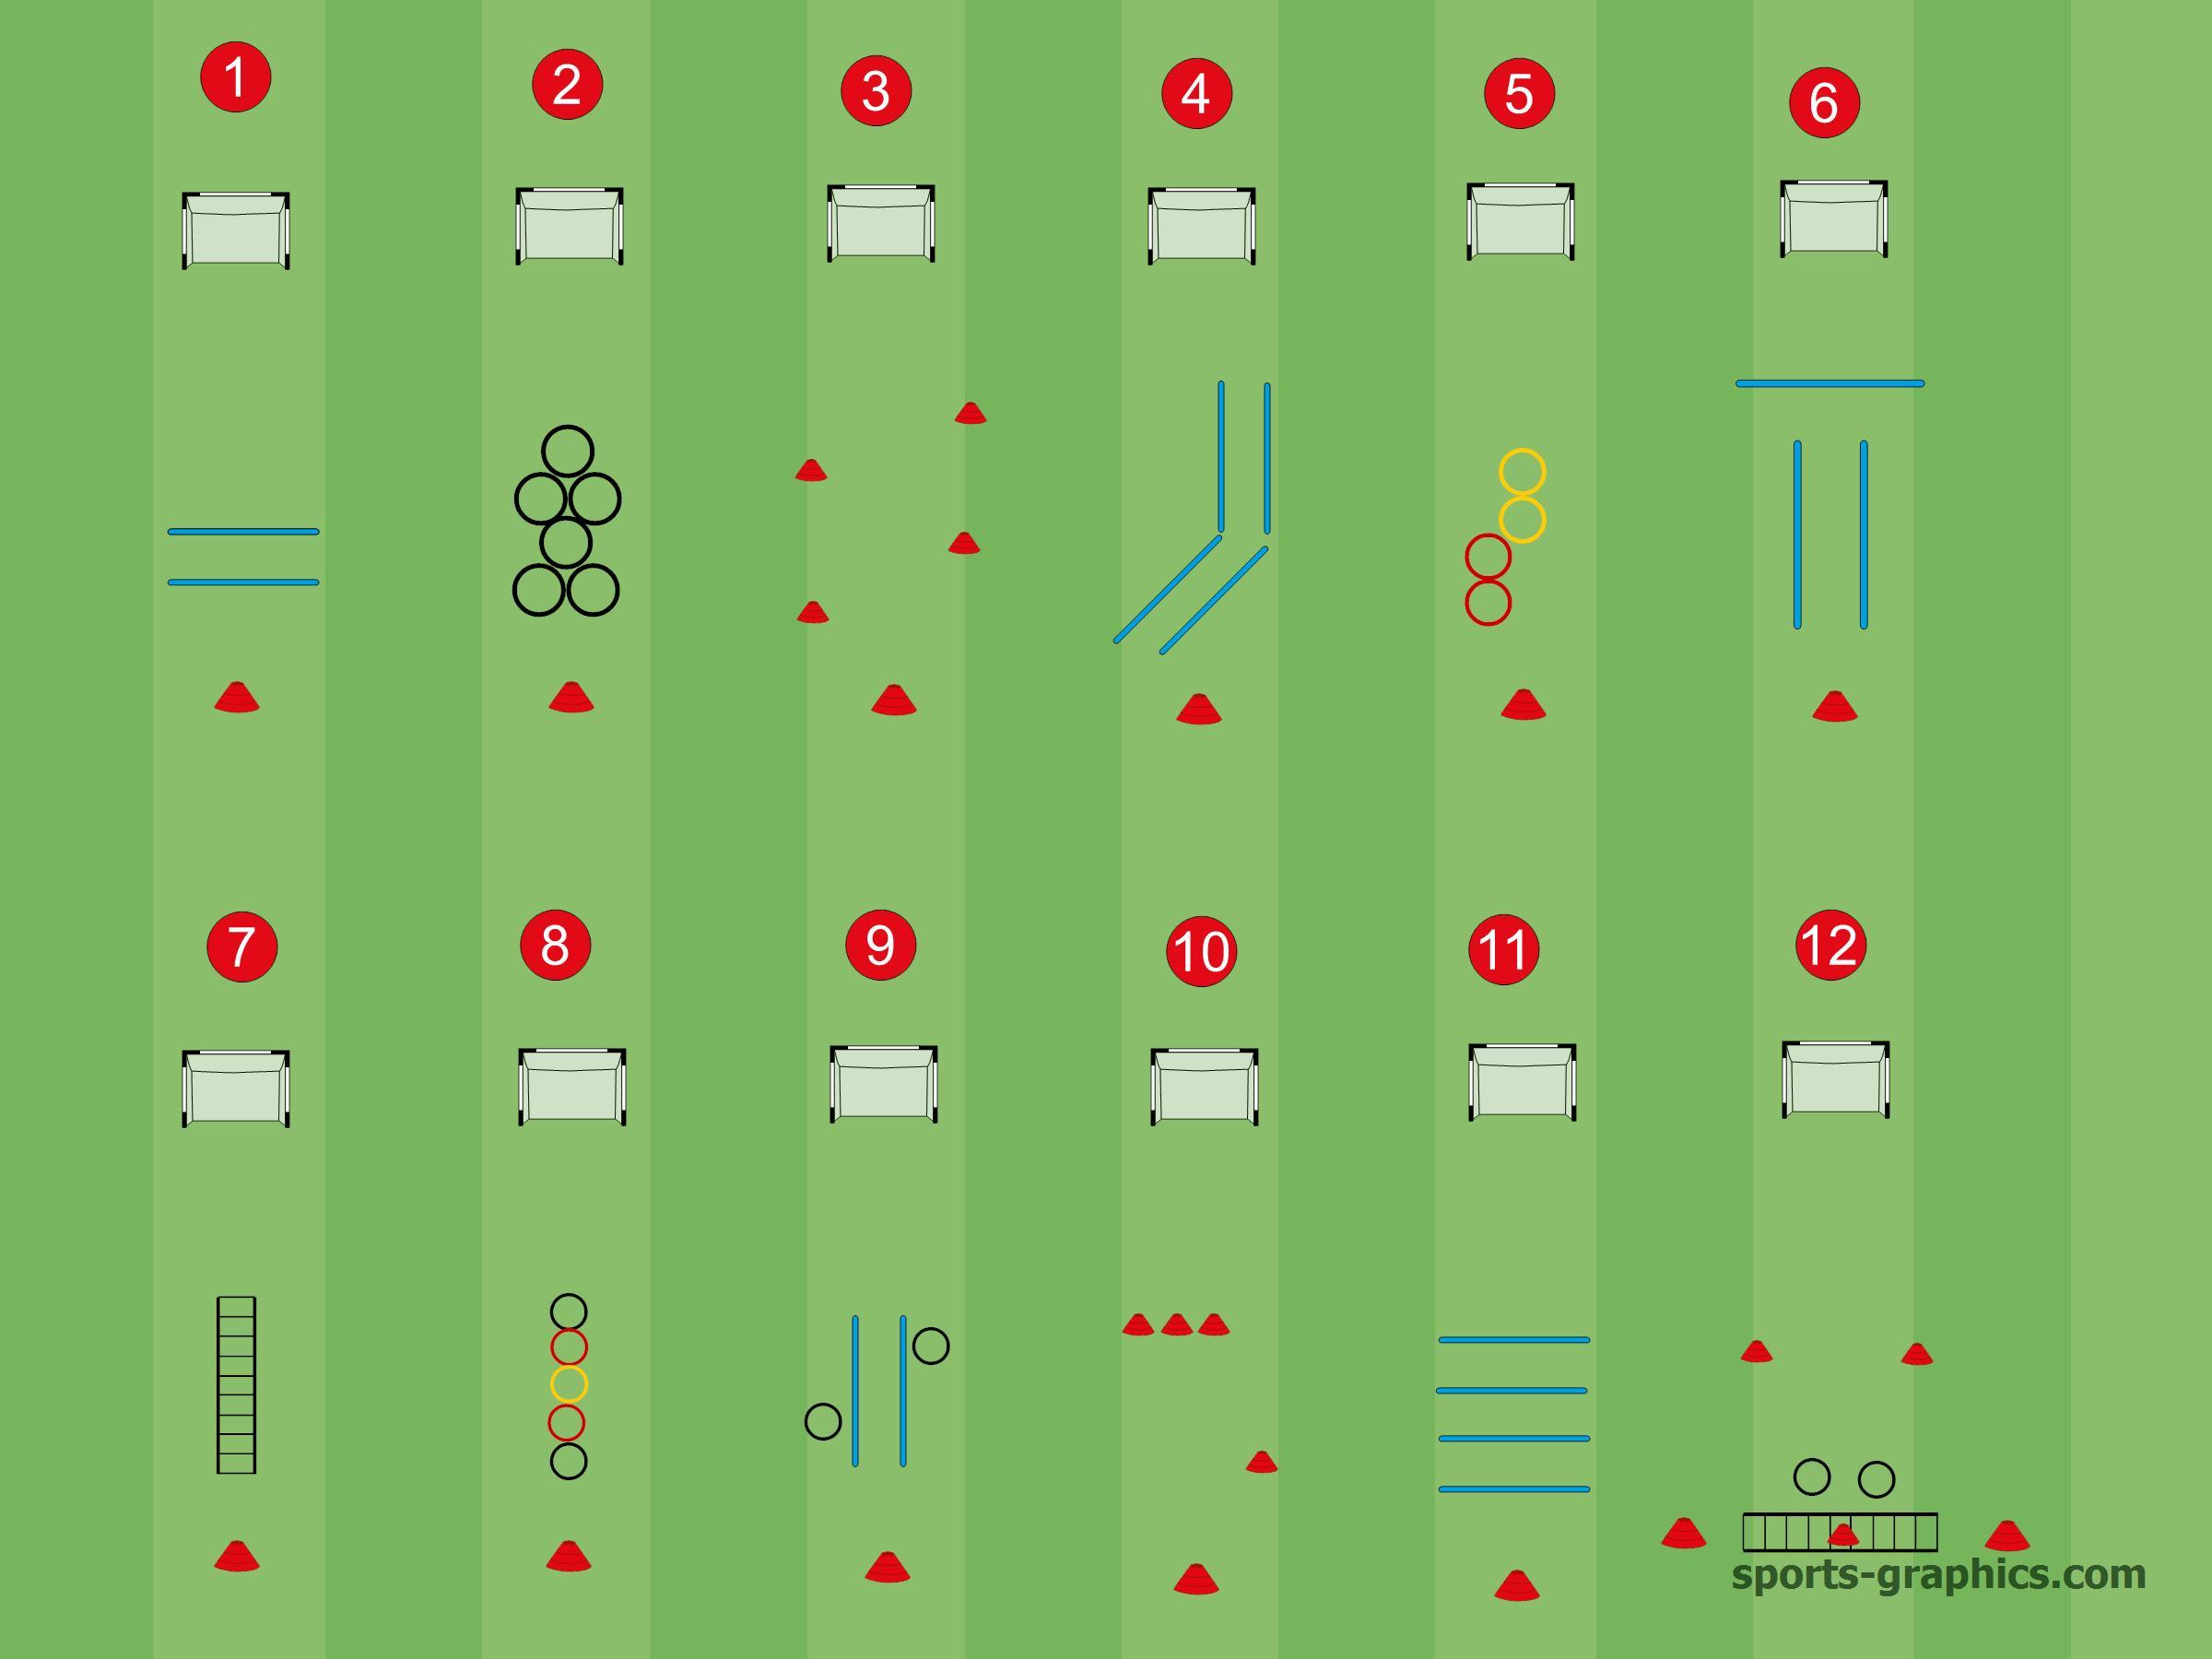 Bambinis Schusstechnik Lehren Fussballtraining Trainertalk De